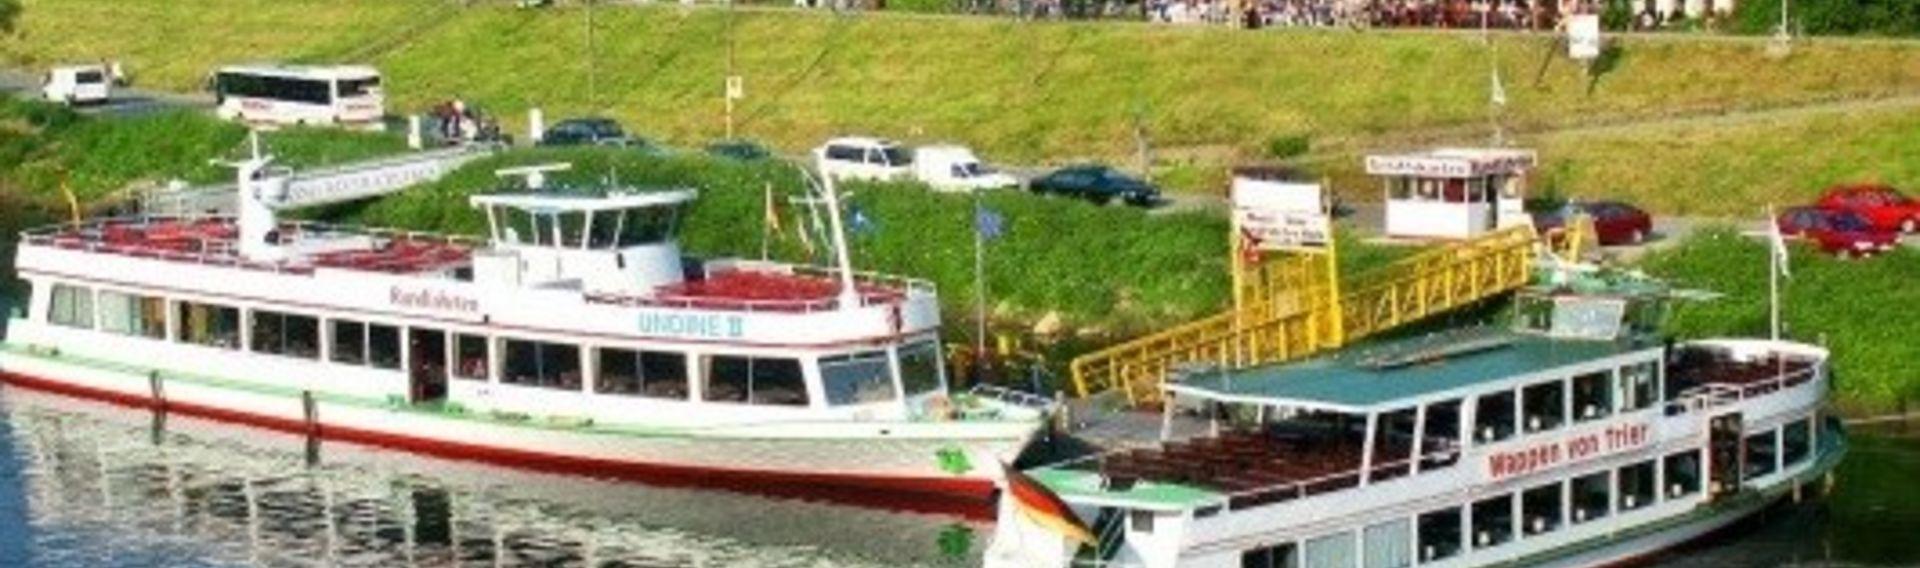 Moselrundfahrt Schiff Ausflug